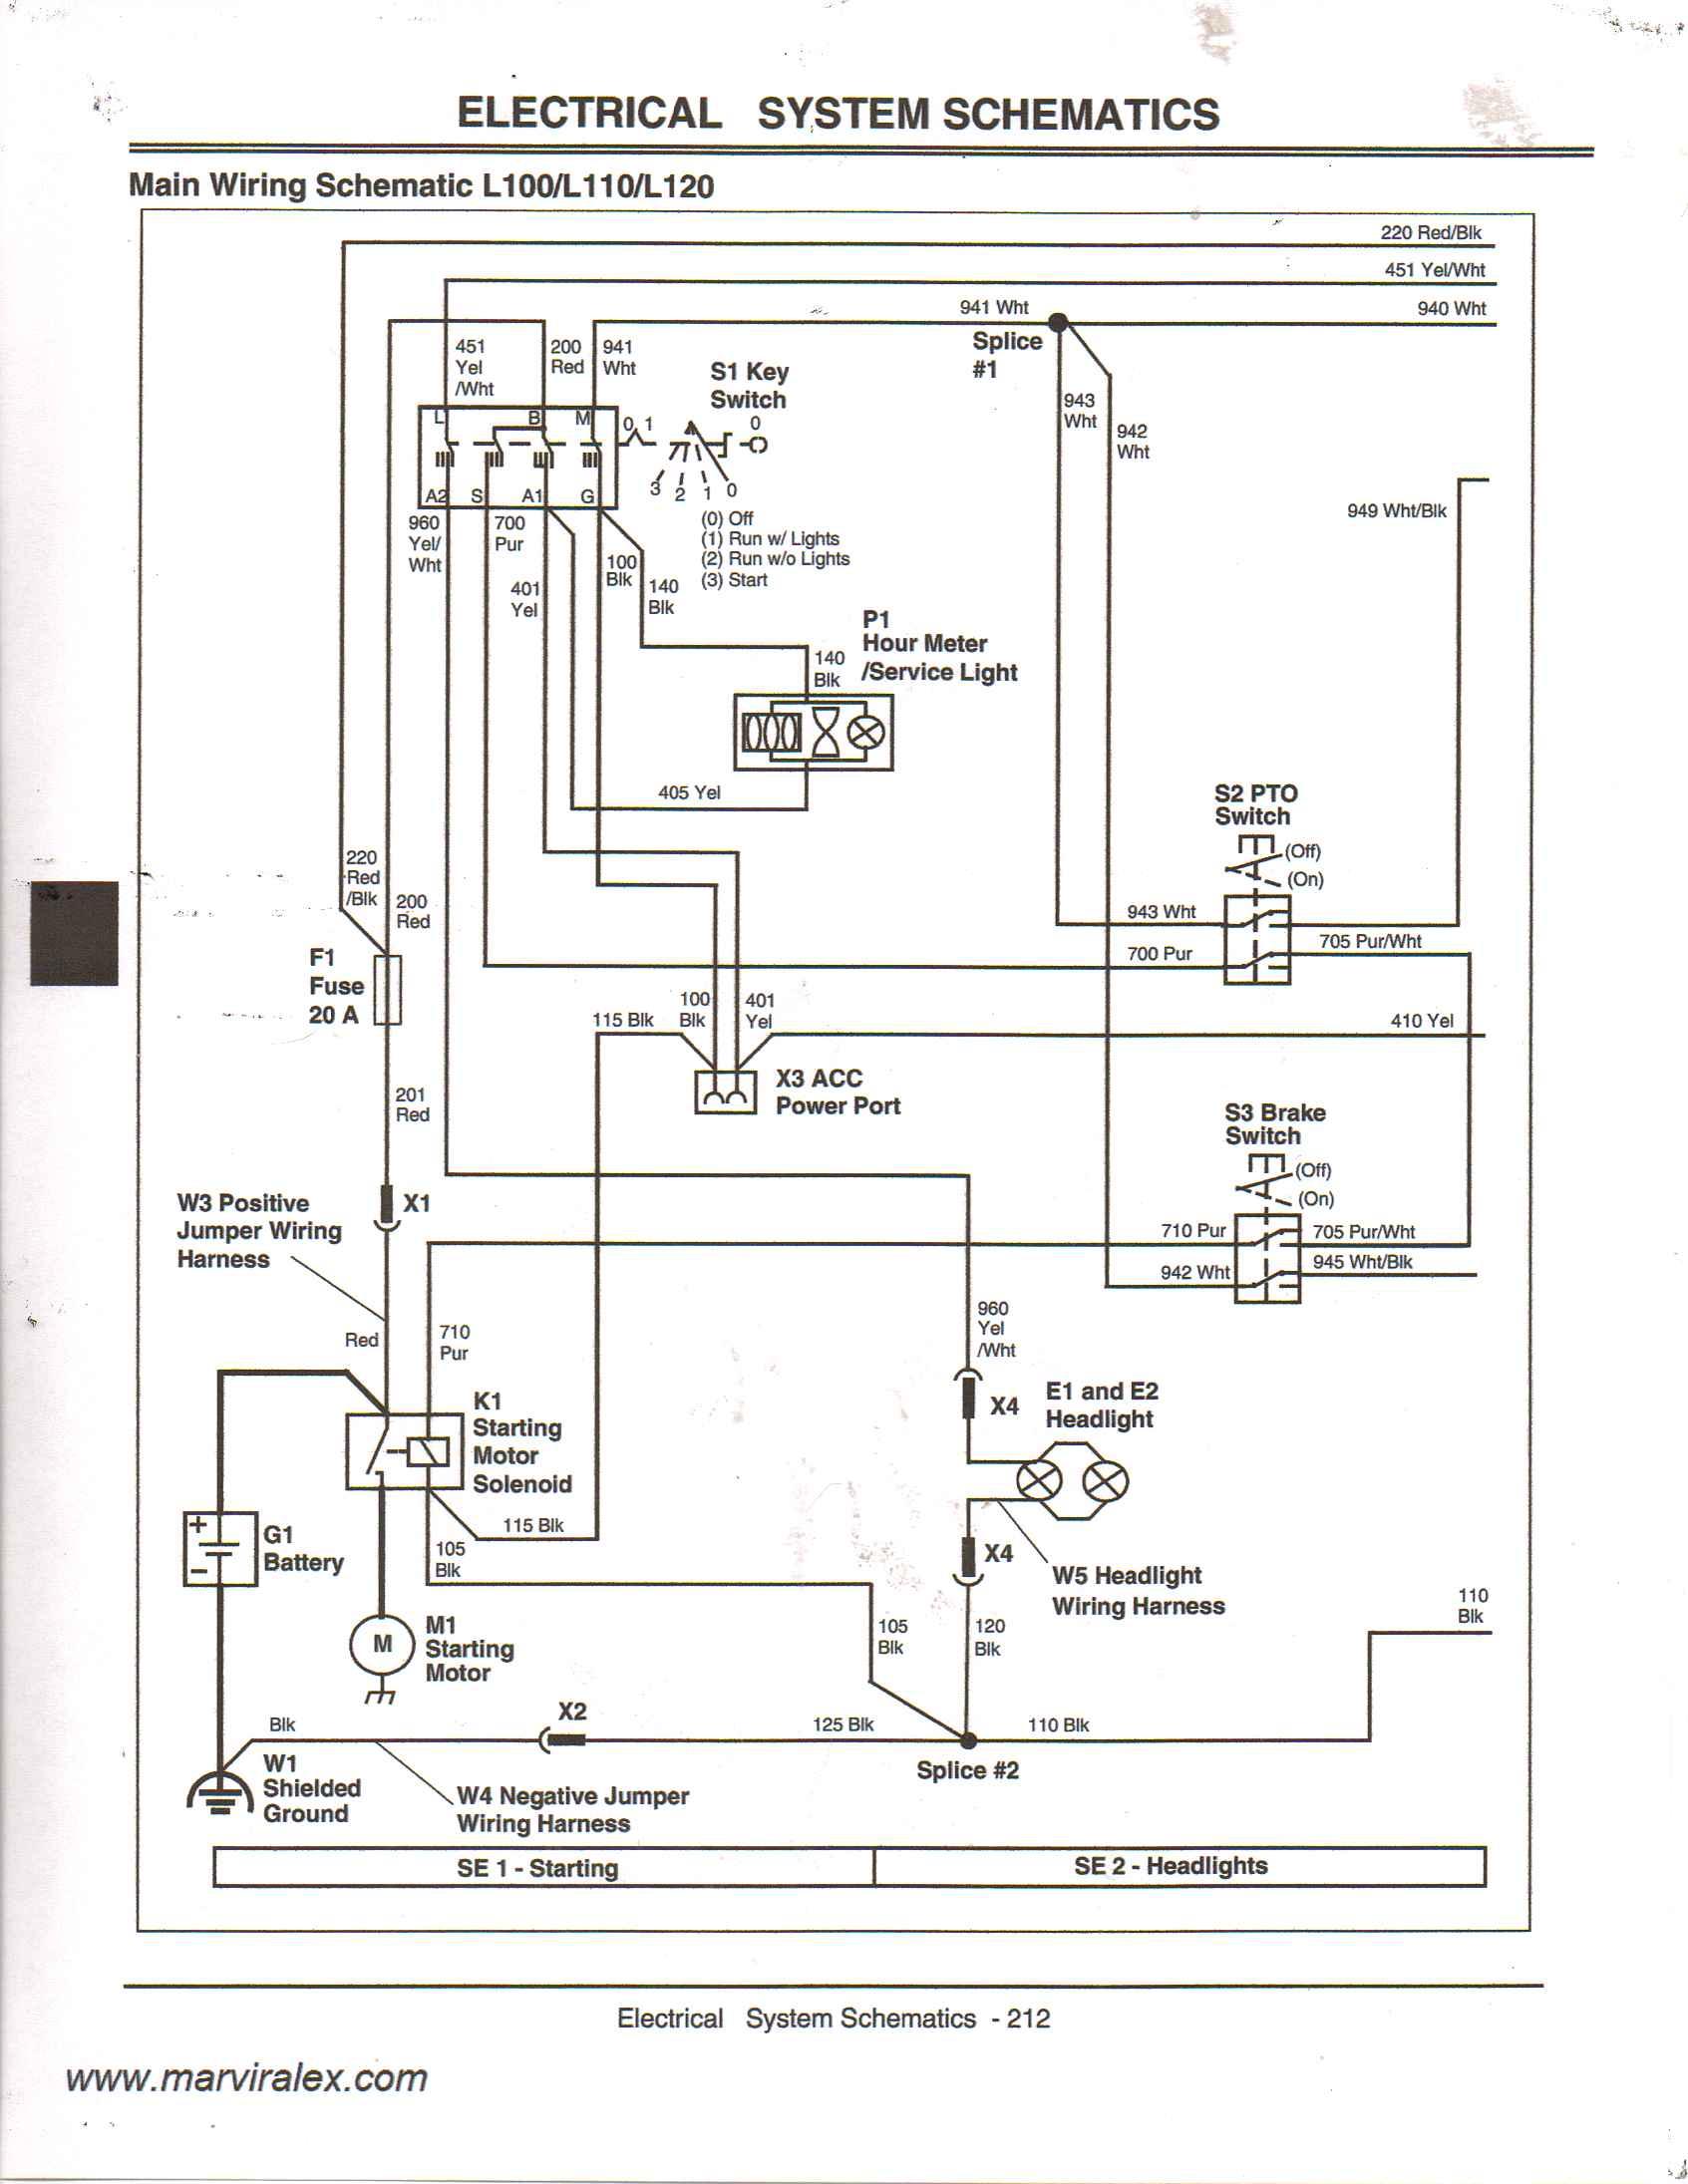 18d95c4b-c7e0-4141-8690-4f84fe5ea10e_Deere L100 L110 L120 wiring  schmatic.jpg